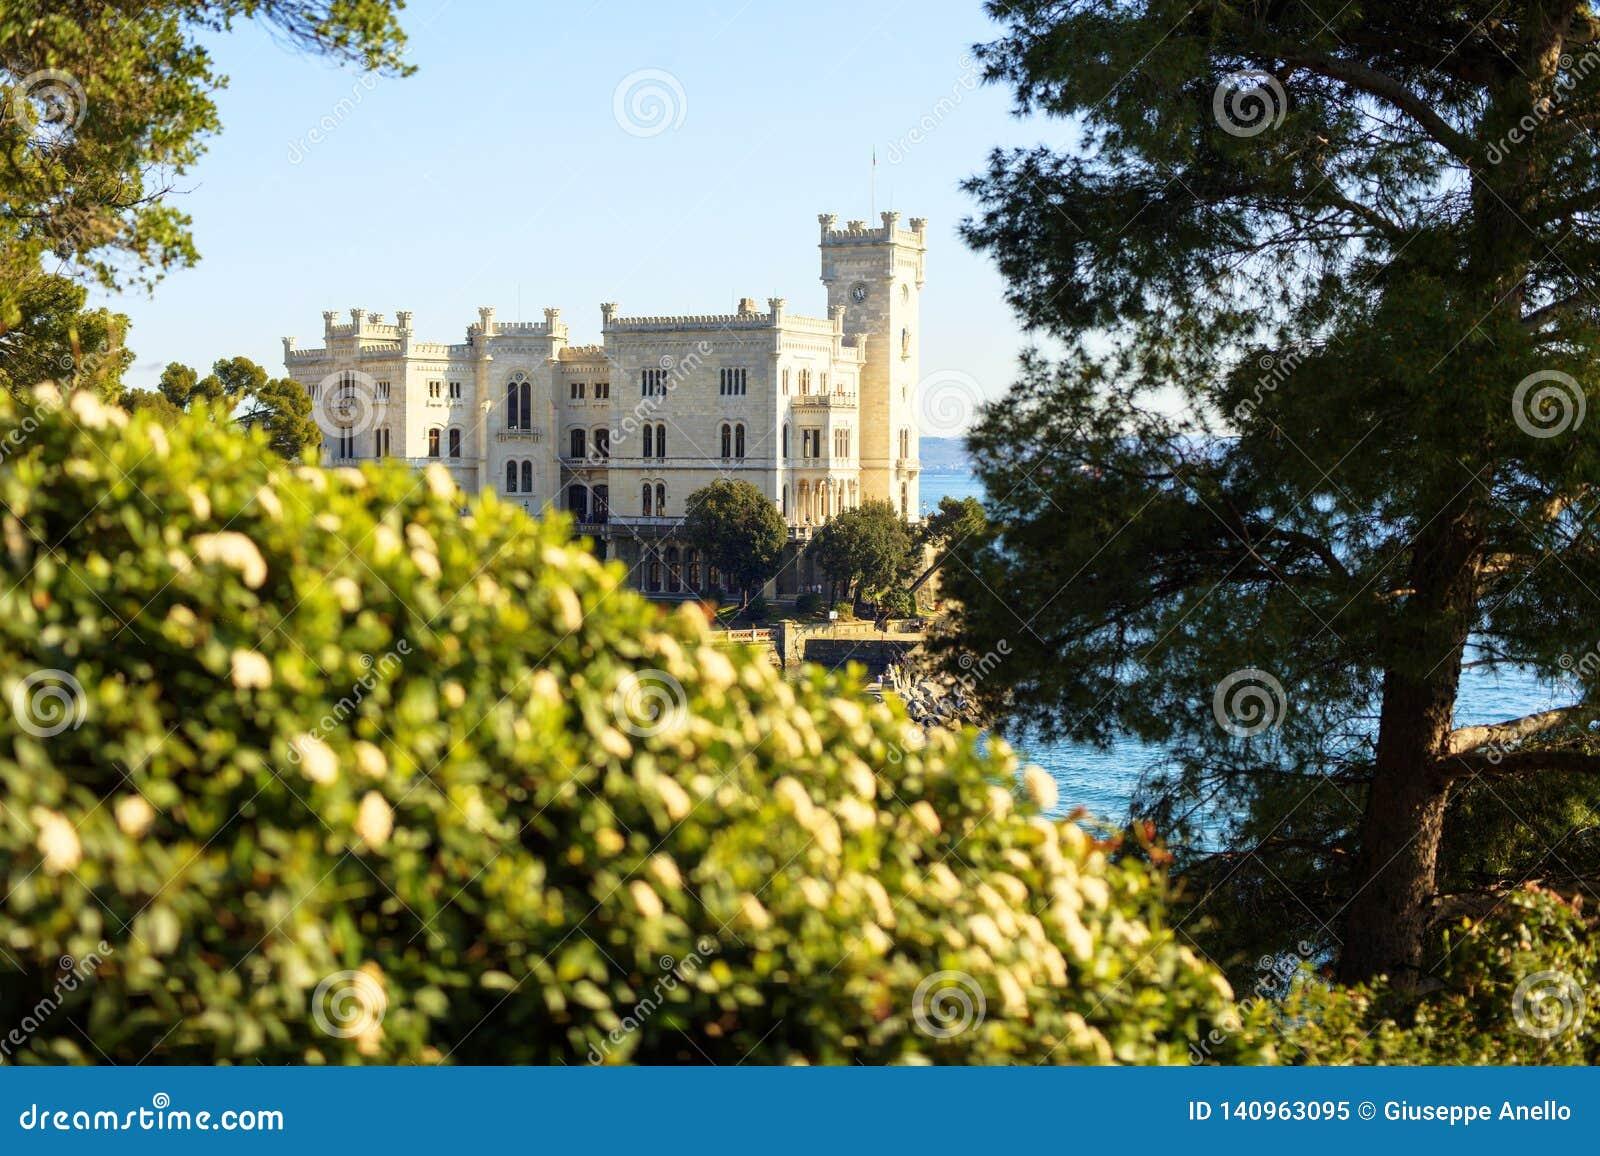 Vista del castillo de Miramare, Trieste